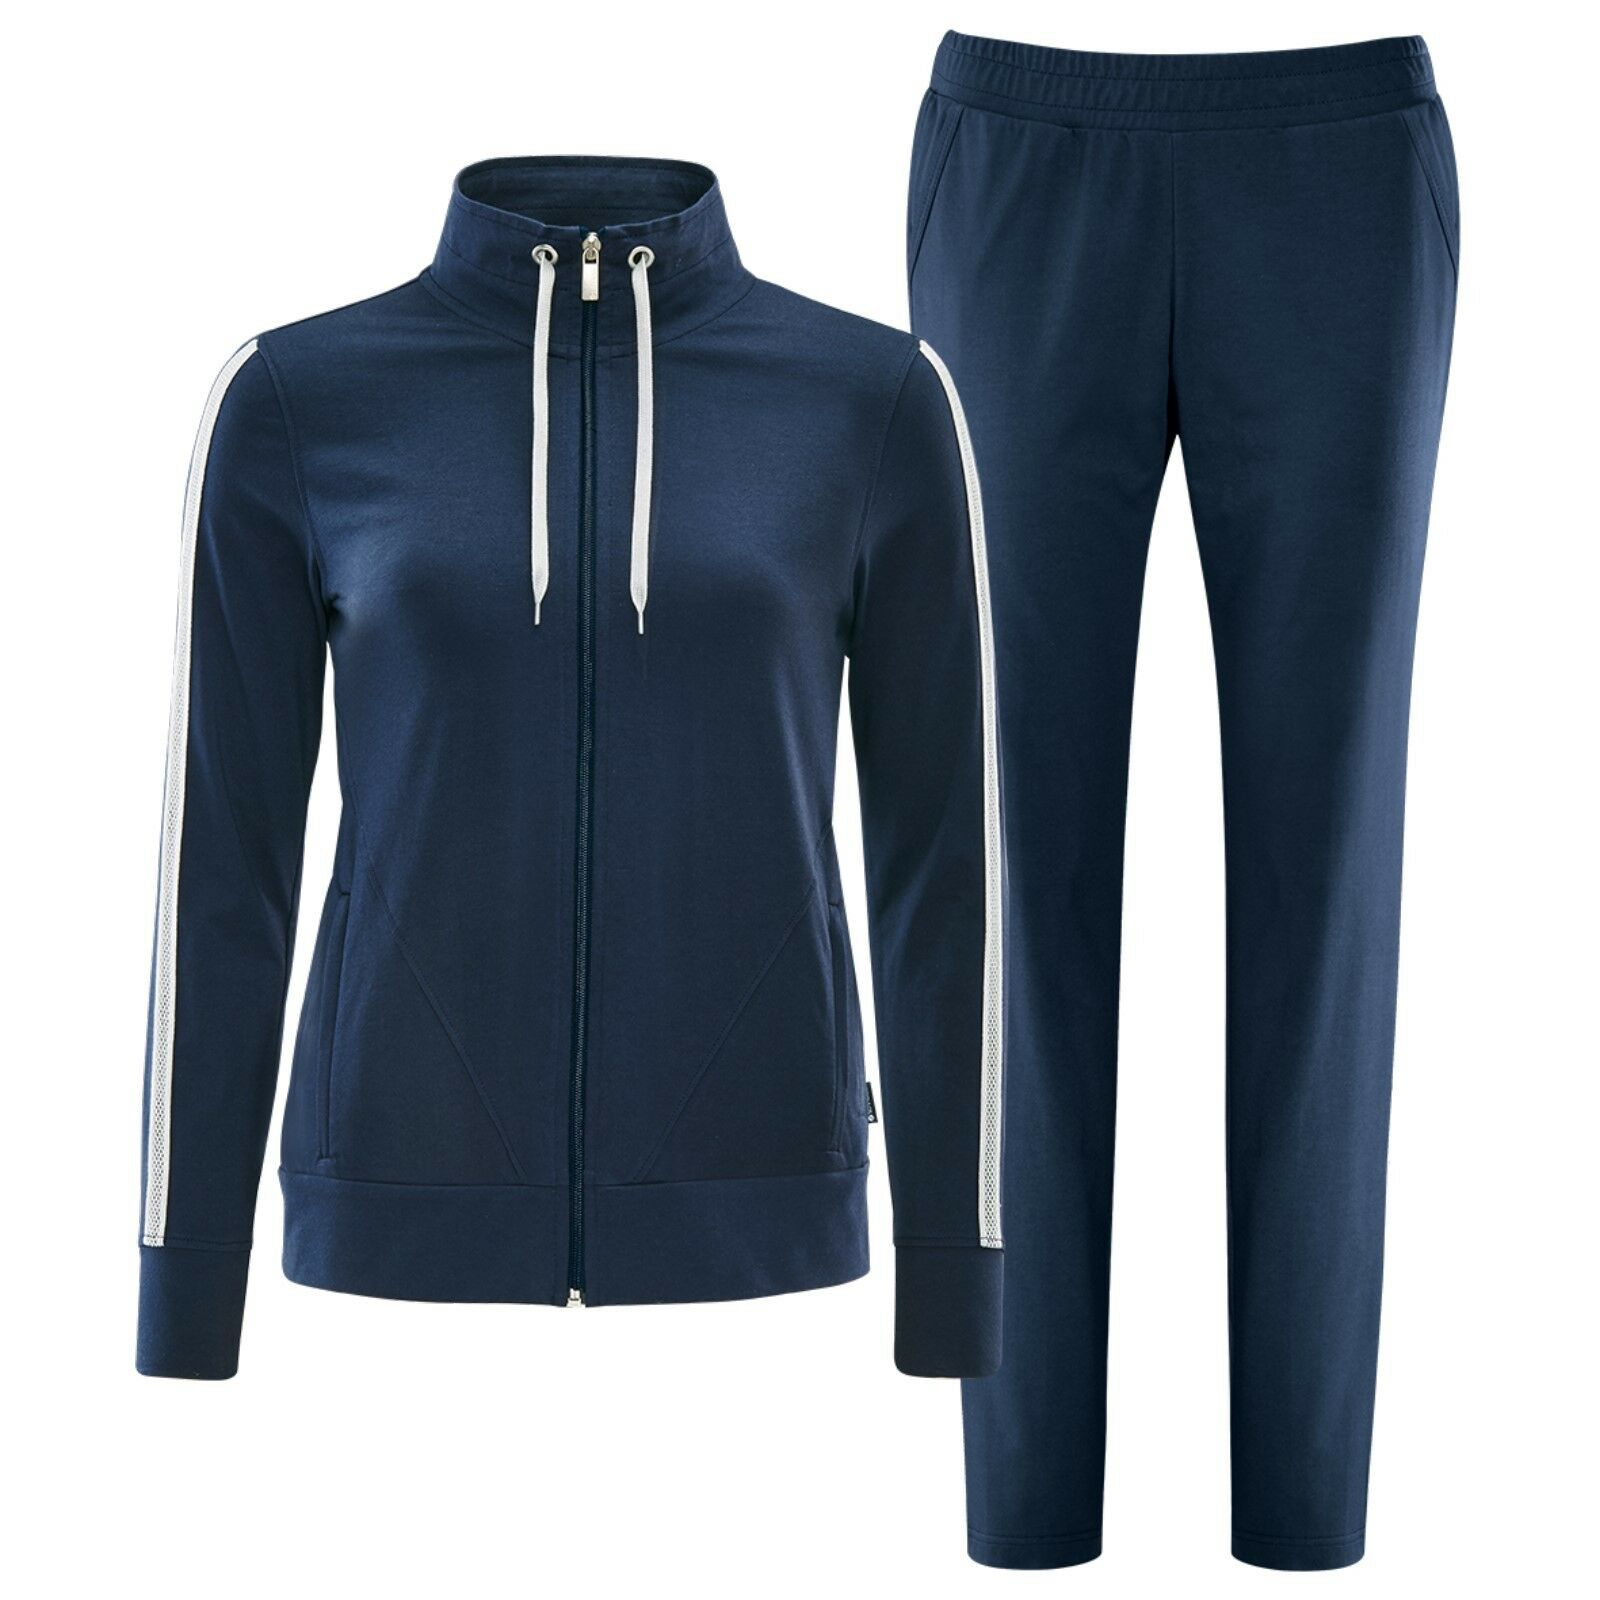 Schneider Sportswear Damas Fitness Traje Keshiaw bluee